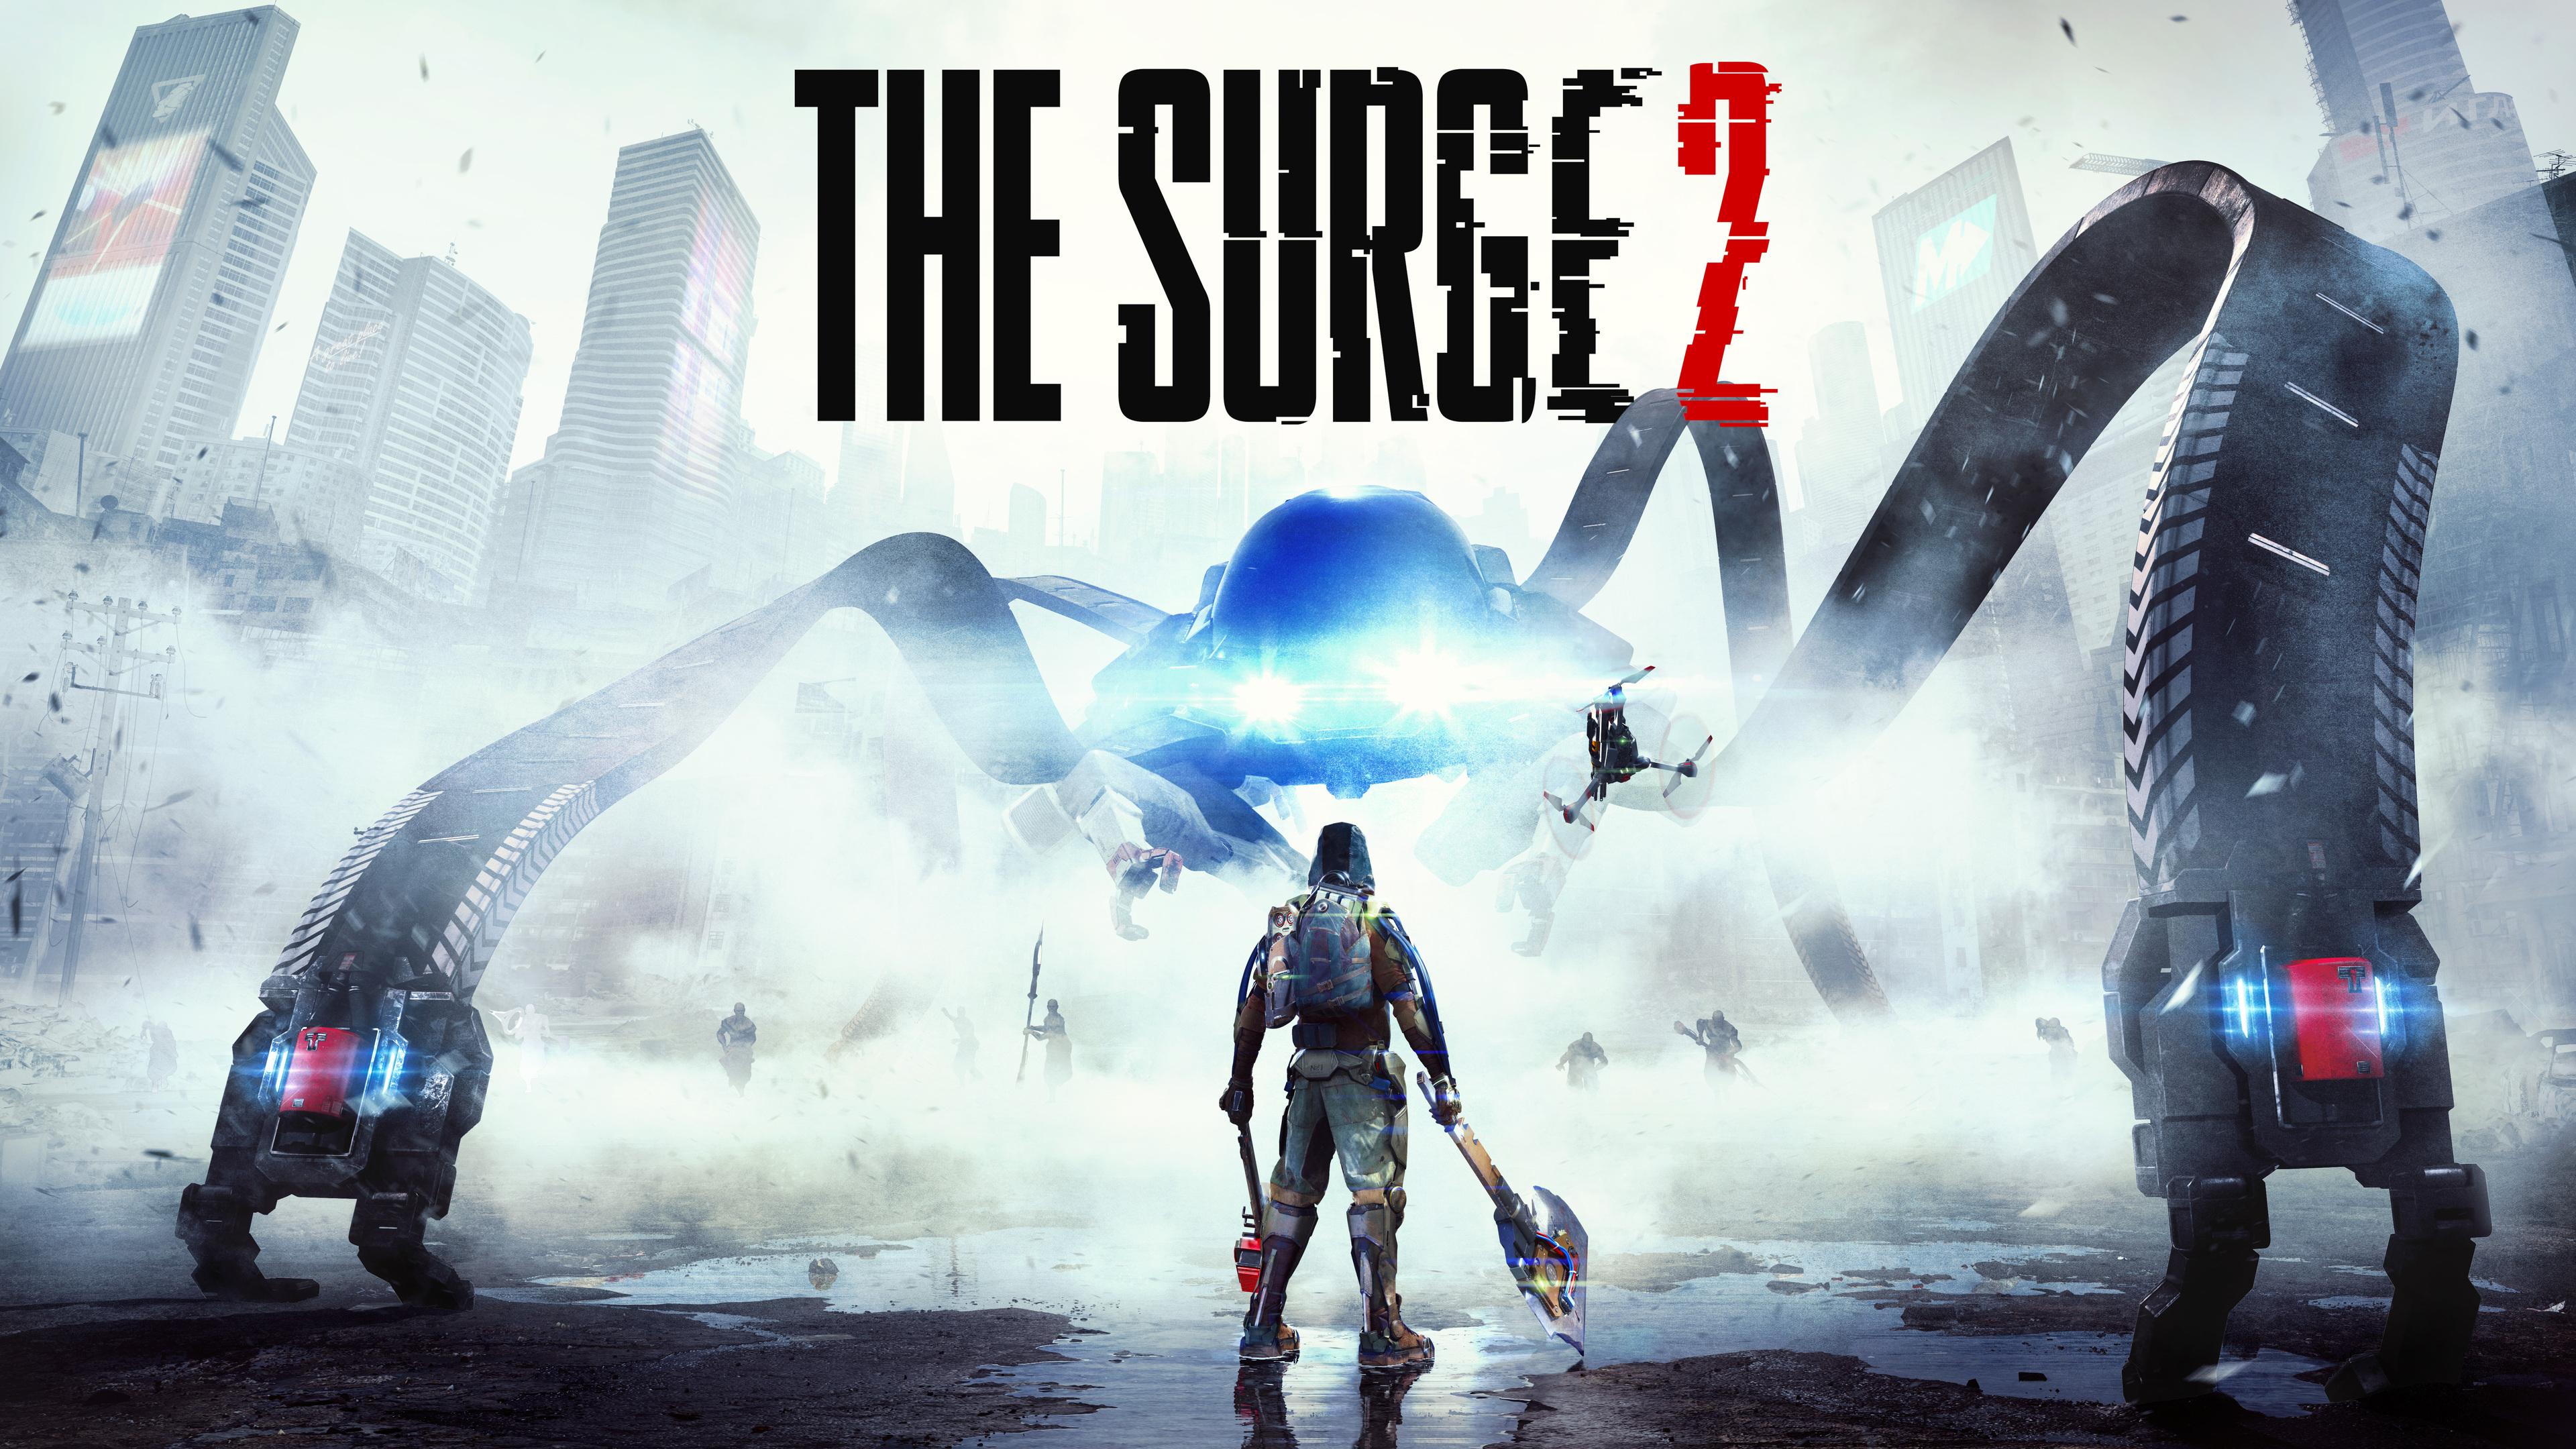 the-surge-2-2019-game-8k-key-art-tm.jpg